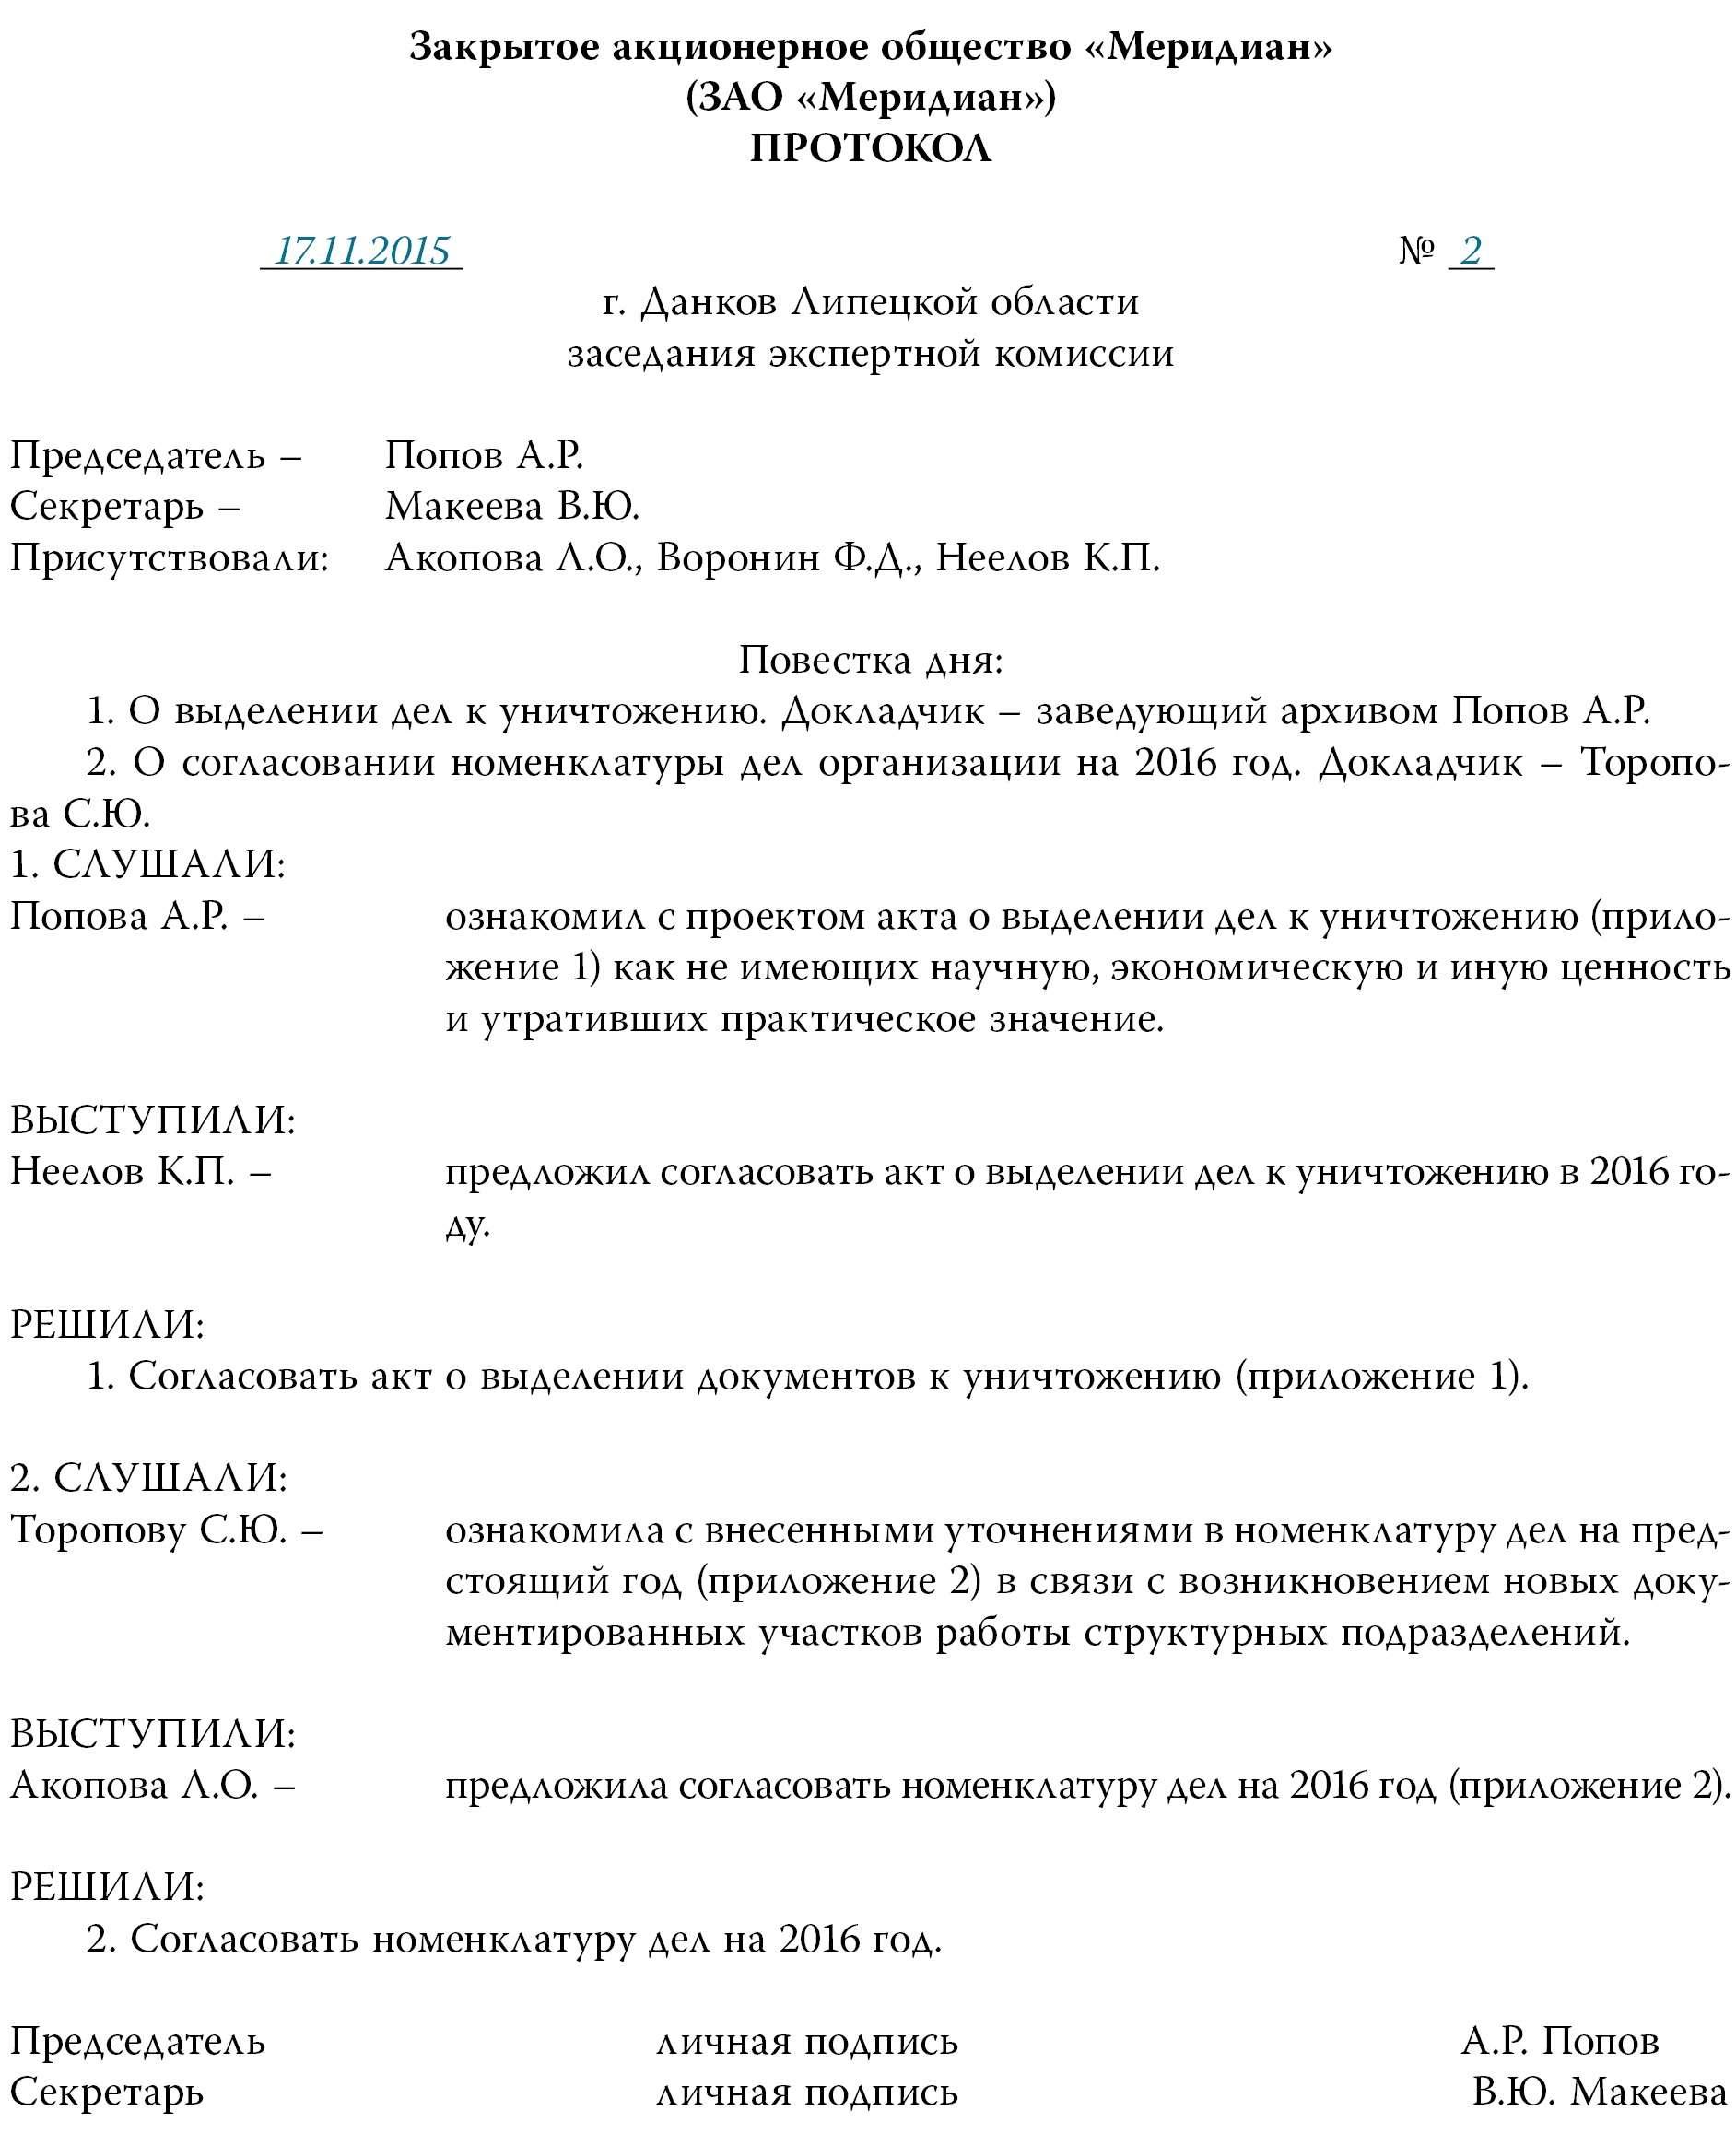 протокол экспертной комиссии образец